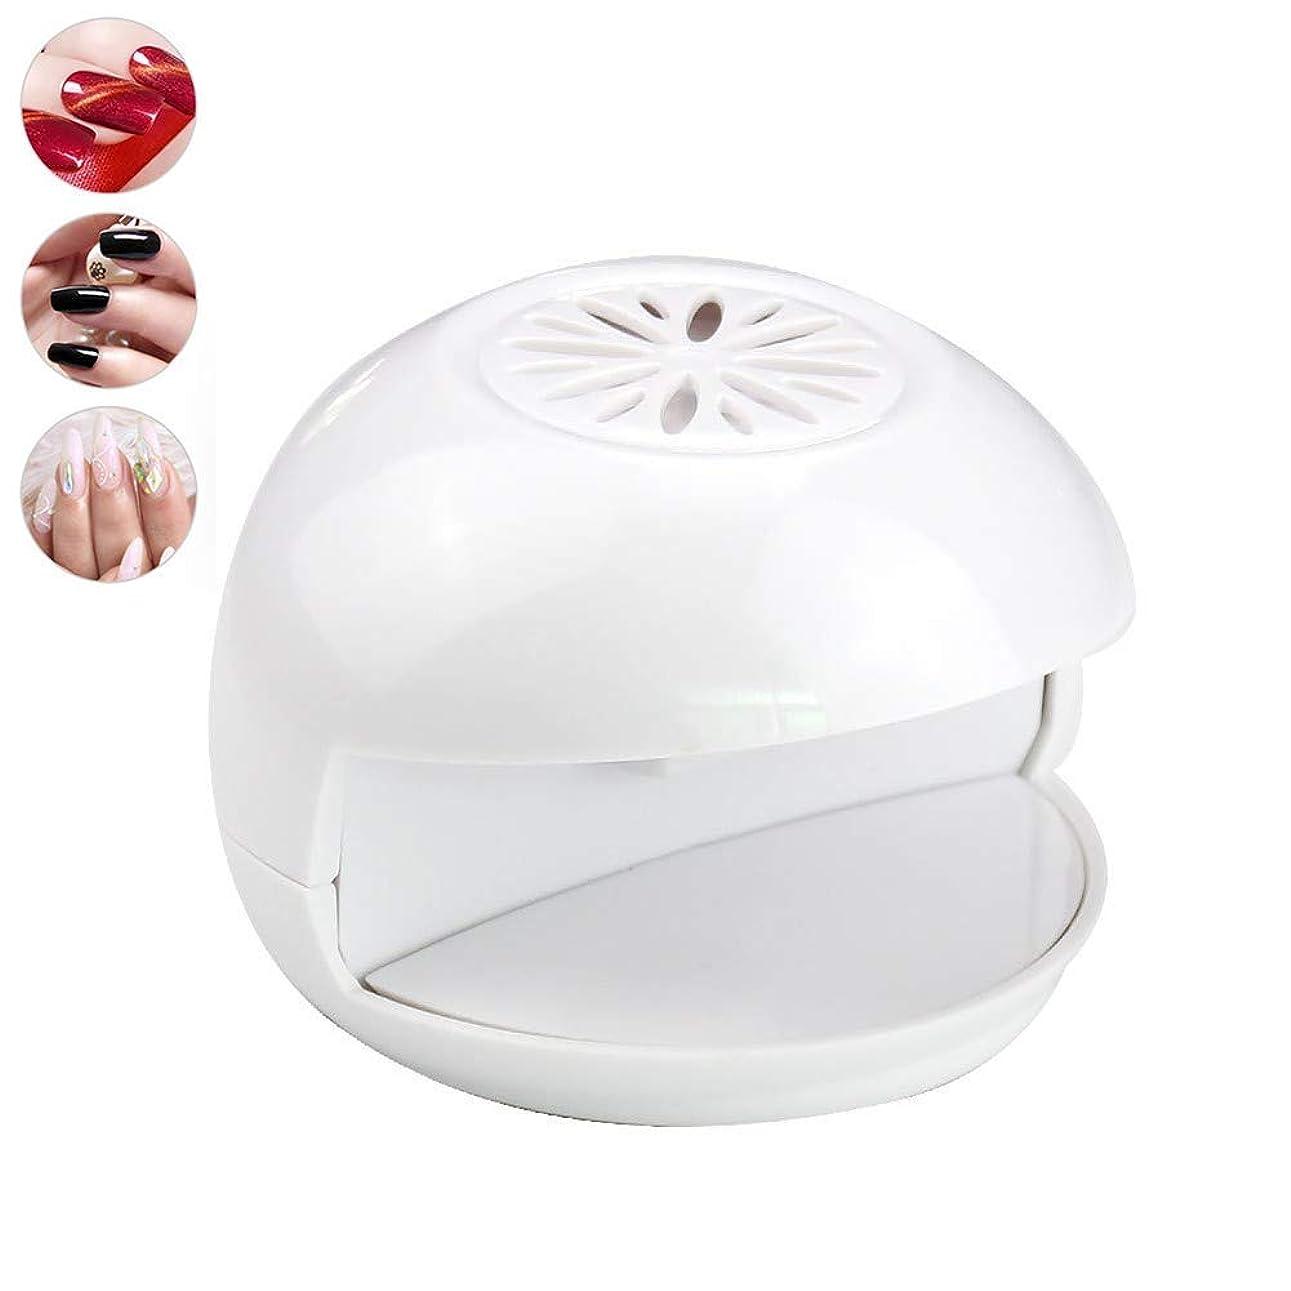 建築ピン静かに48ワットuv ledライト療法マニキュアランプポリッシャーマシンネイルドライヤー用ゲルポリッシュ硬化ワニスランプサロンツール